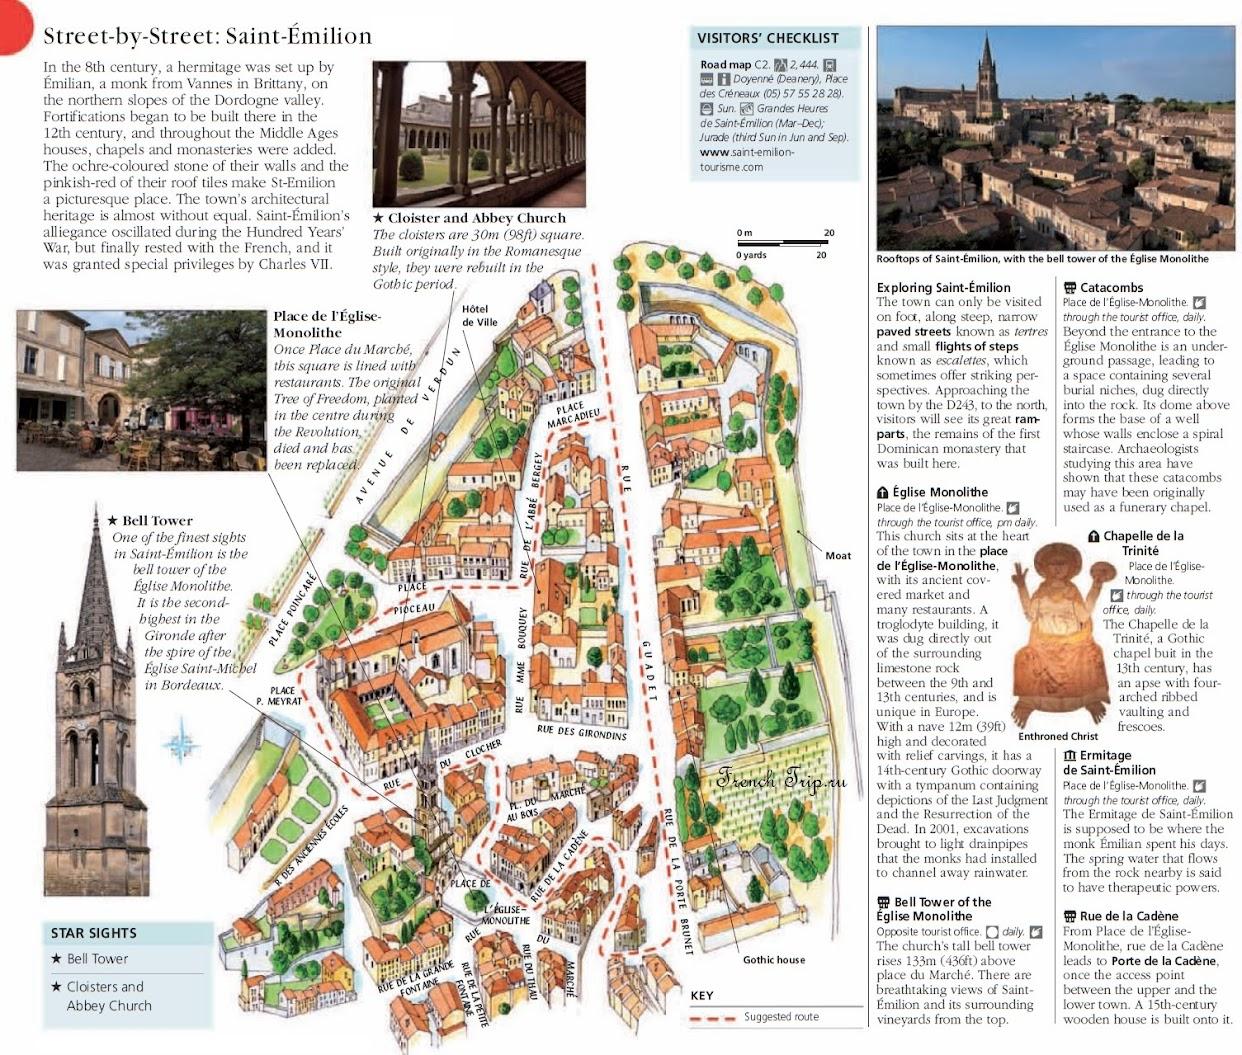 Туристический маршрут по Сент-Эмильону - Saint-Emilion путеводитель по городу Сент Эмильон, Аквитания